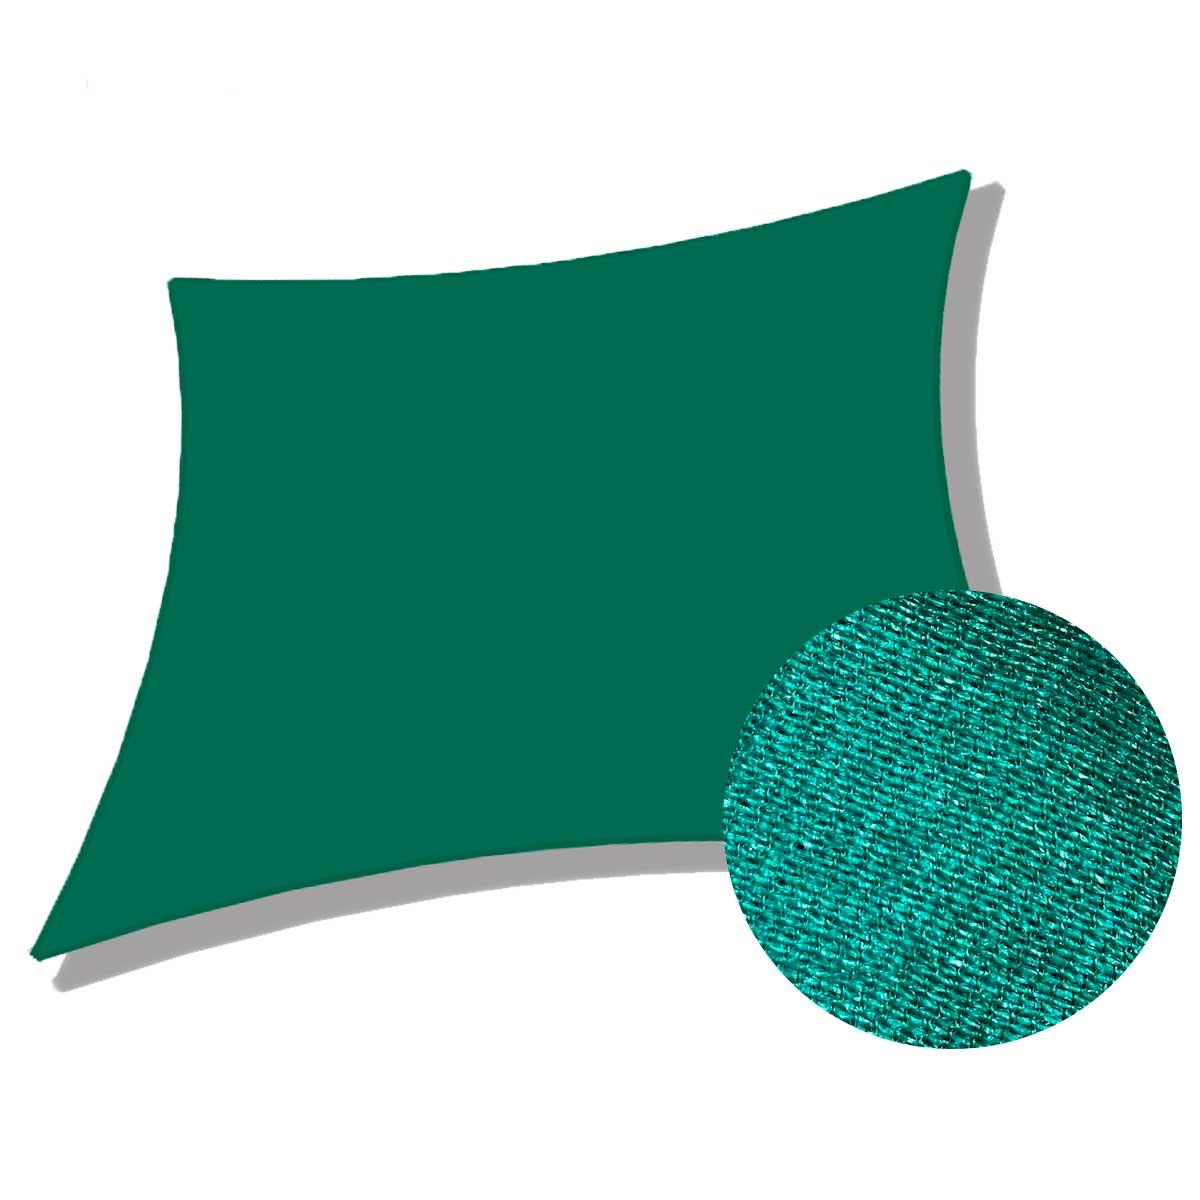 Tela Toldo Decorativa Shade Verde Sem Acabamento 5x1,5m